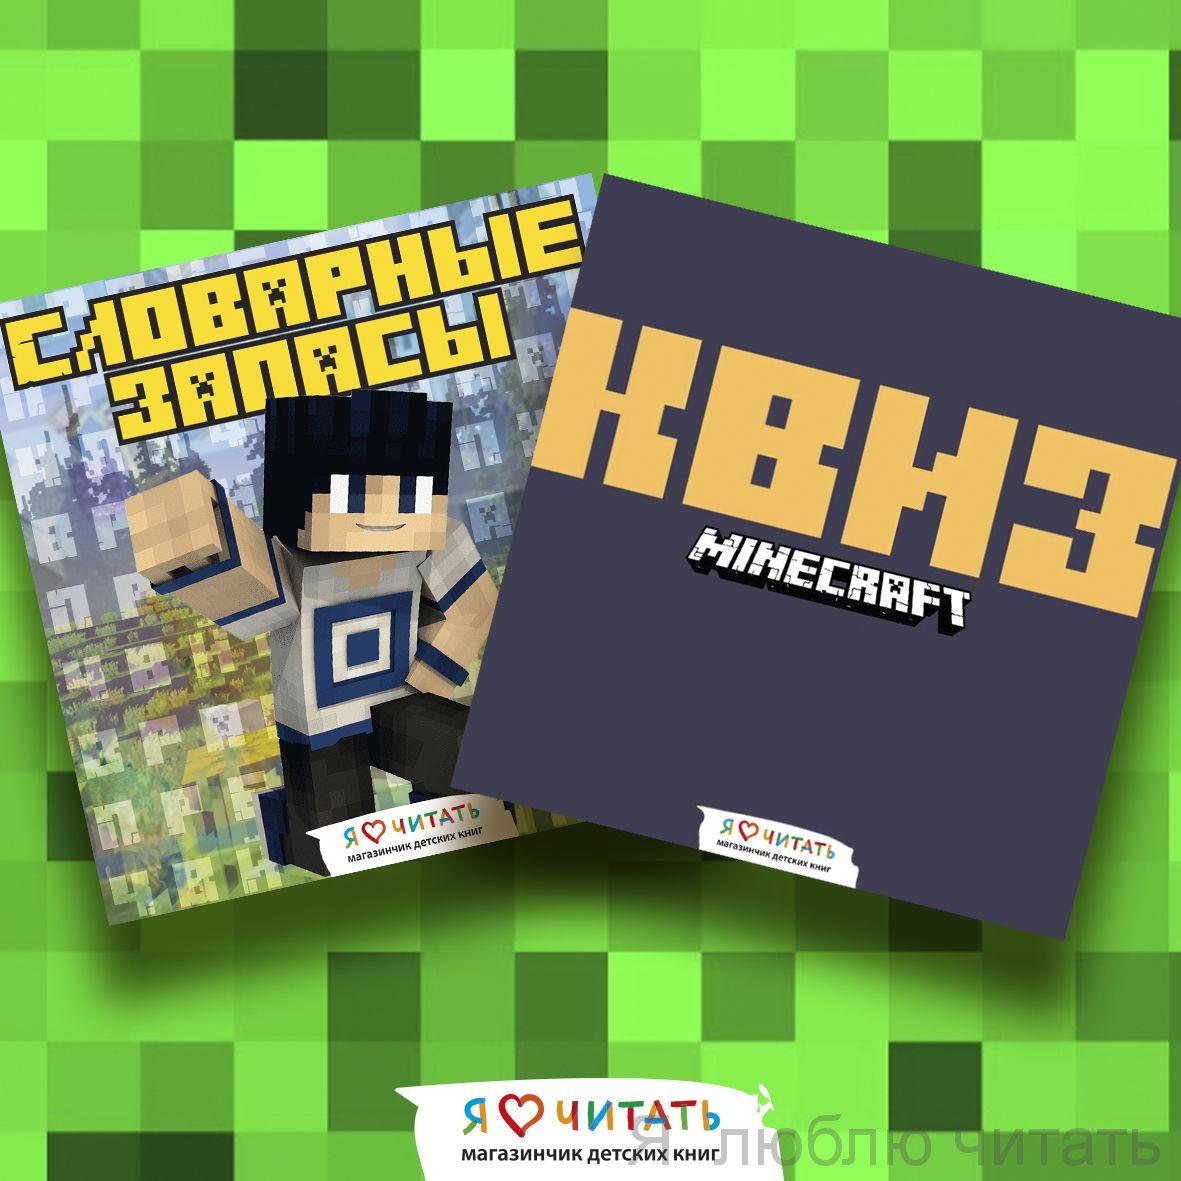 Minecraft-Kombo!